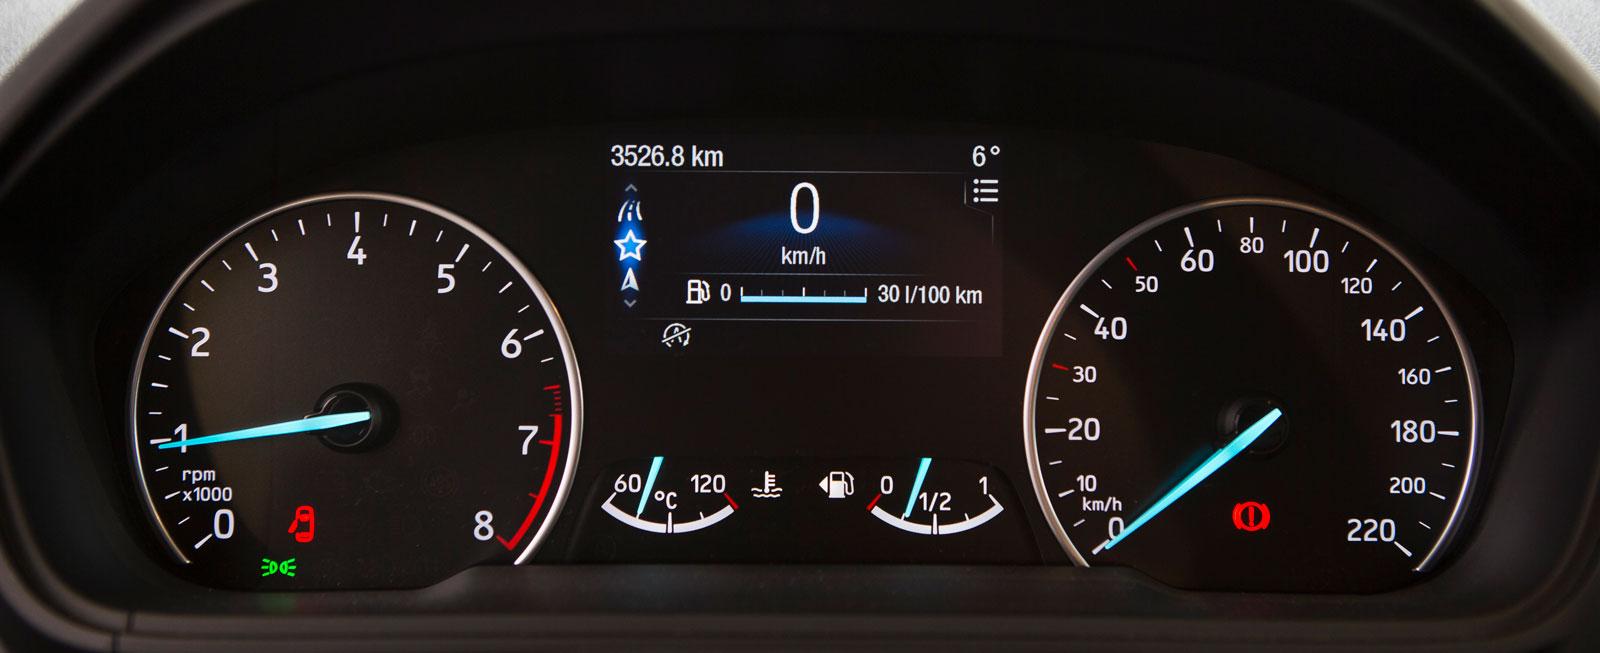 EcoSports mätartavlor känns igen från nya Fiesta och är både snygga och lättavlästa. Mellan dem sitter en väl tilltagen display, där uppgifter från färddatorn och flera av mediesystemets funktioner kan visas.